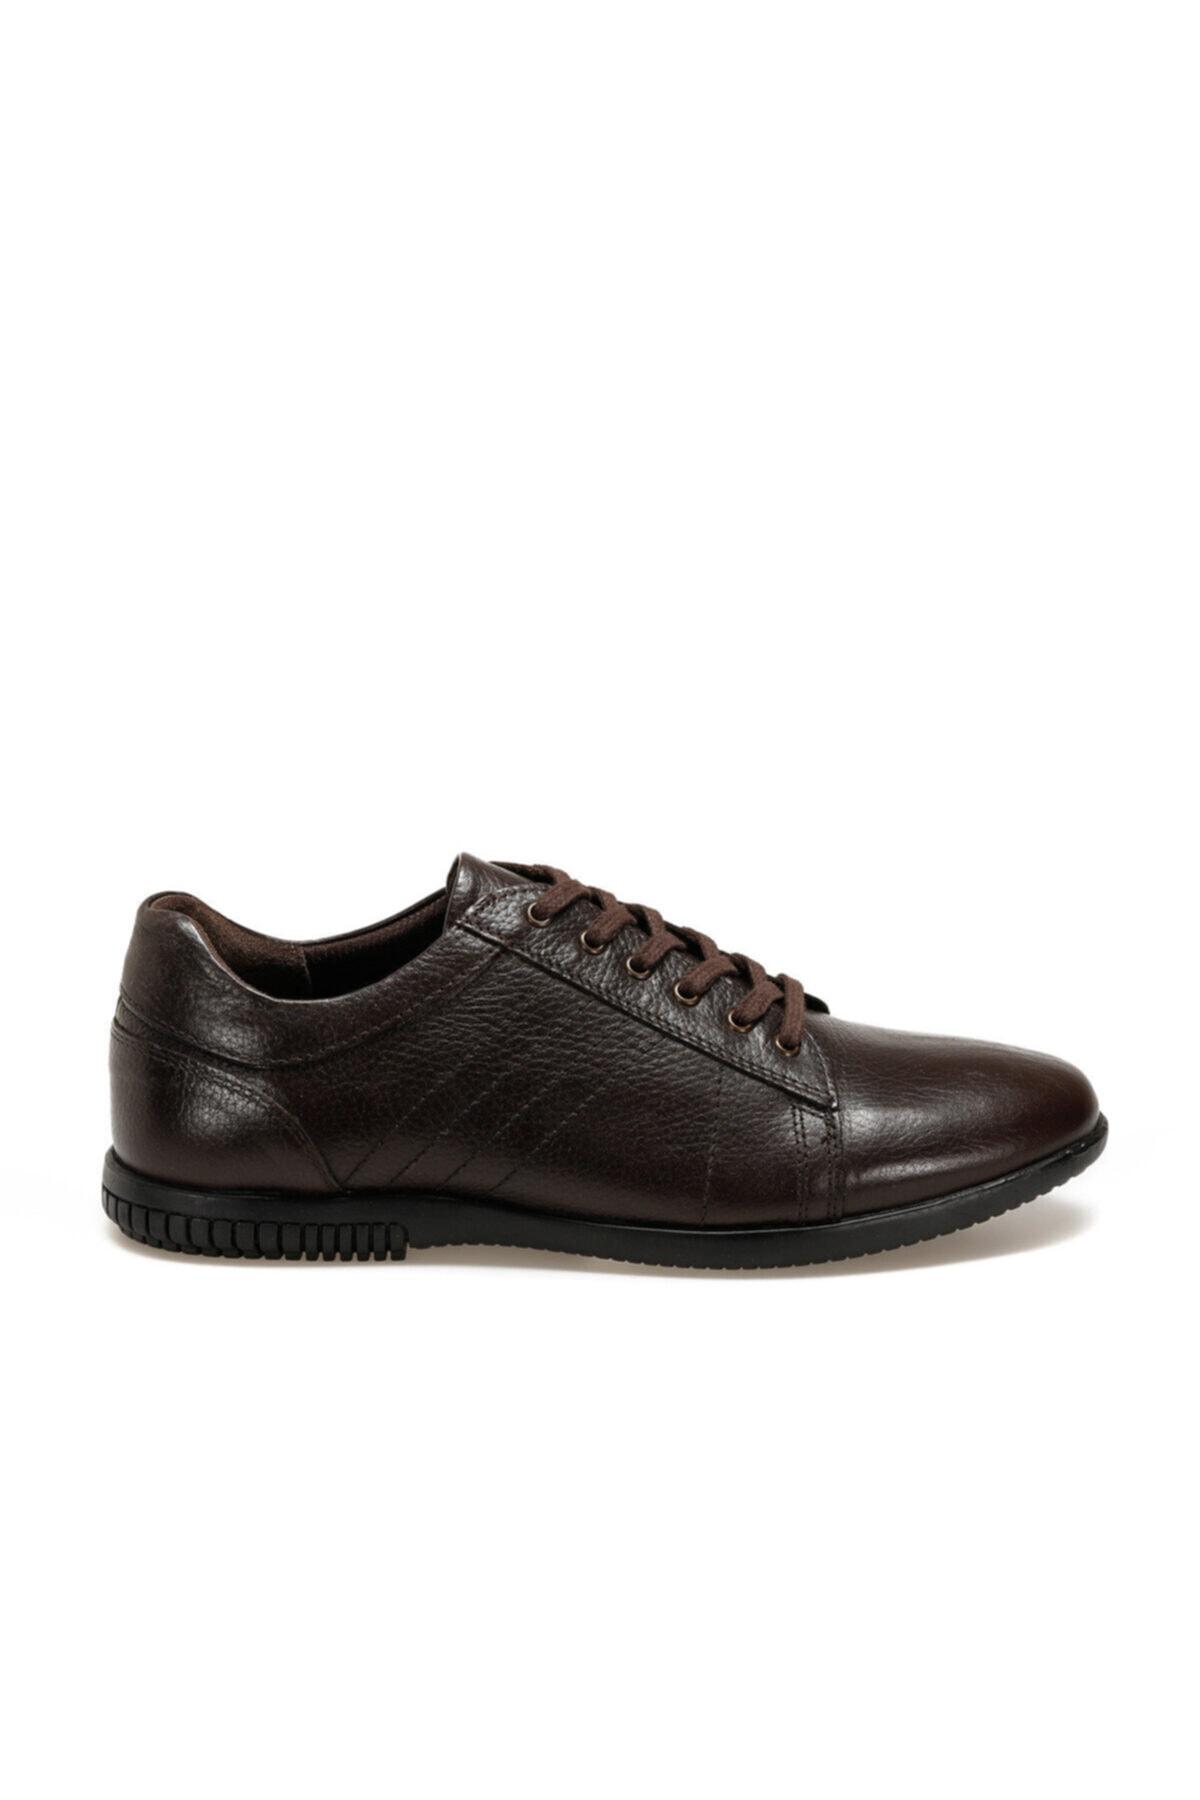 OXIDE 1403 M Kahverengi Erkek Casual Ayakkabı 2